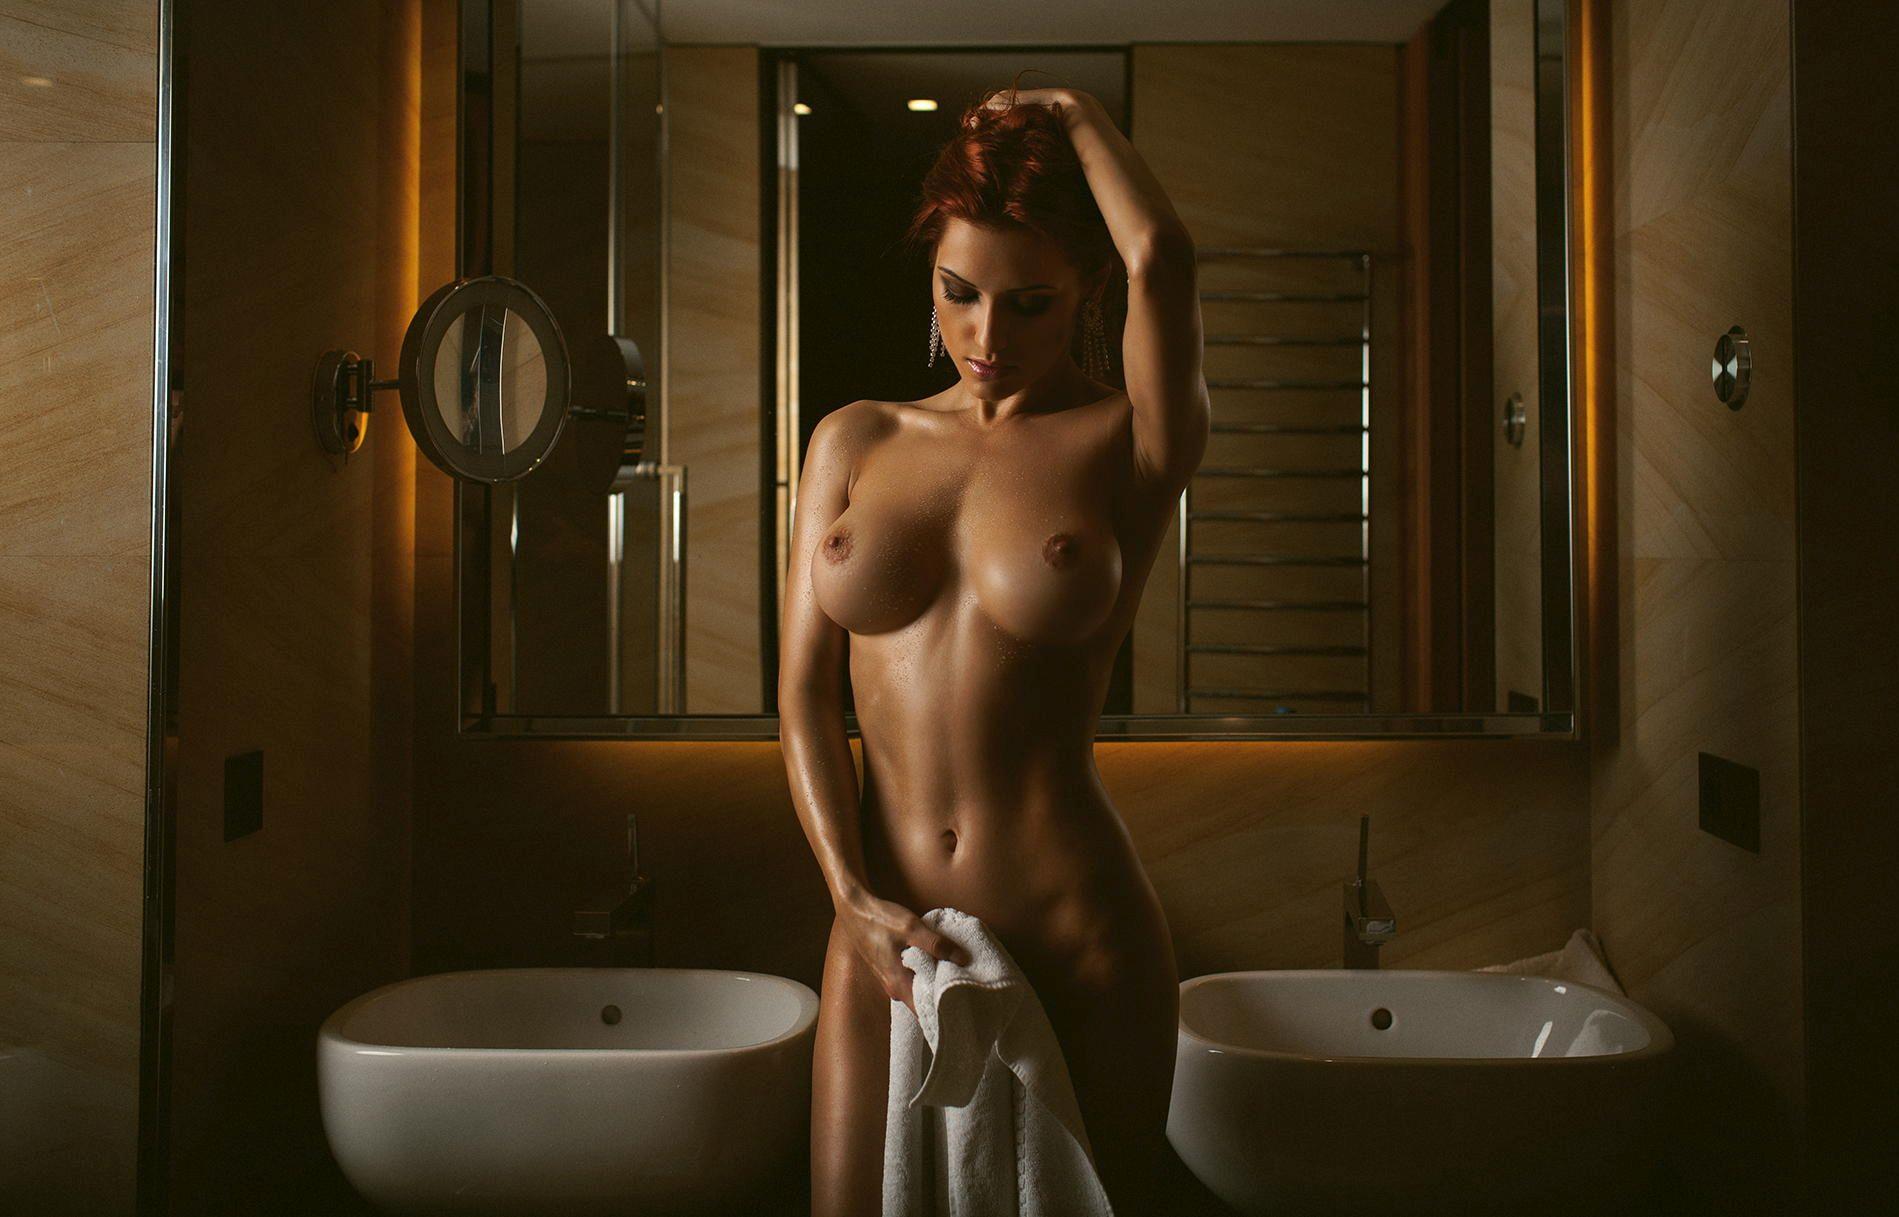 Эротическое видео российских звезд из гримерок #5